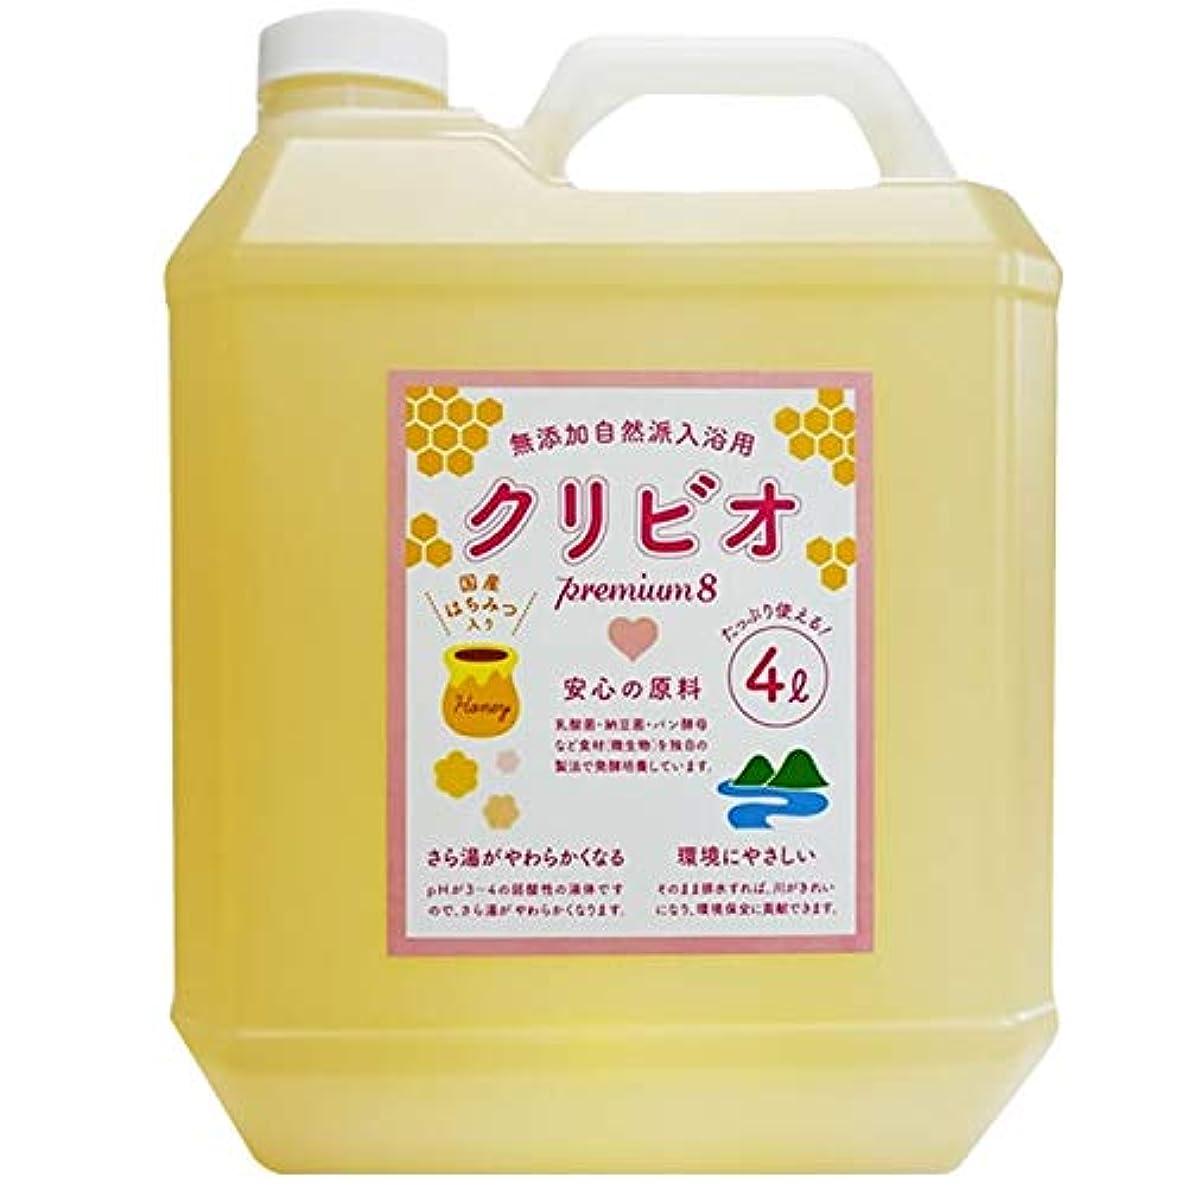 はい印象公然と国産蜂蜜乳酸菌入り 自然派入浴用クリビオpremium8 4リットルお徳用*計量カップ?L型ノズル付【無添加】